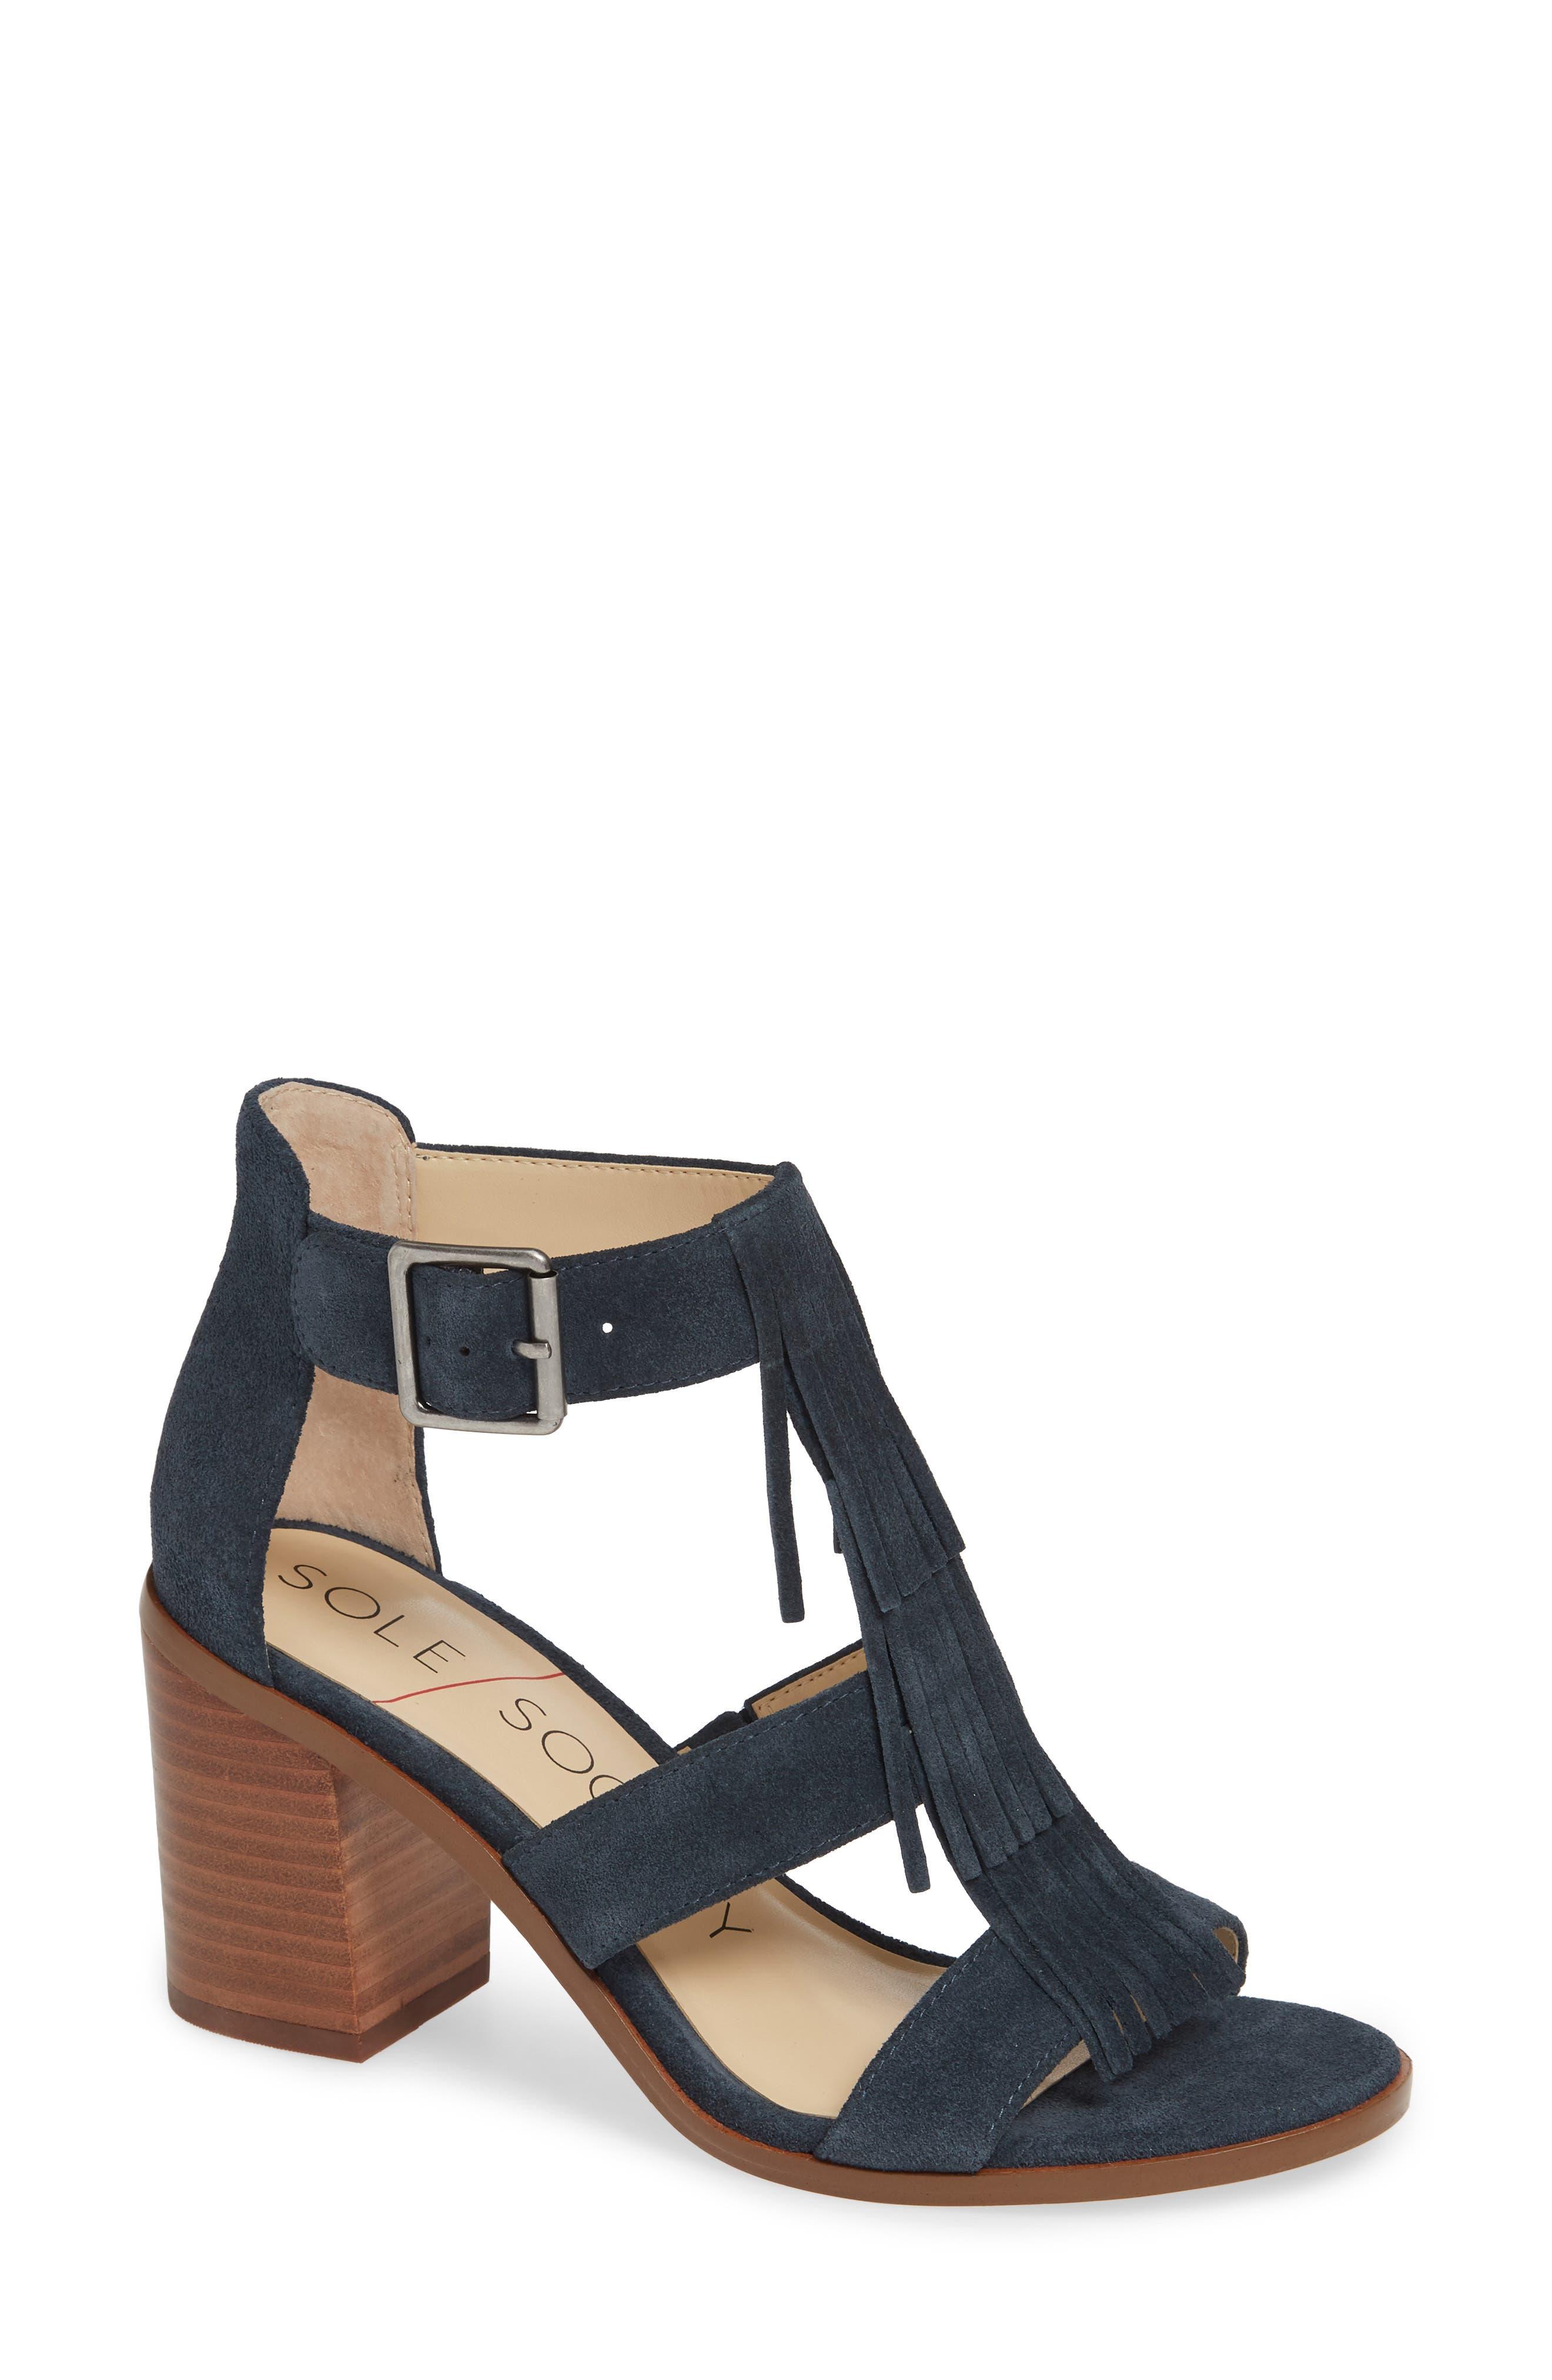 SOLE SOCIETY 'Delilah' Fringe Sandal, Main, color, INK SUEDE